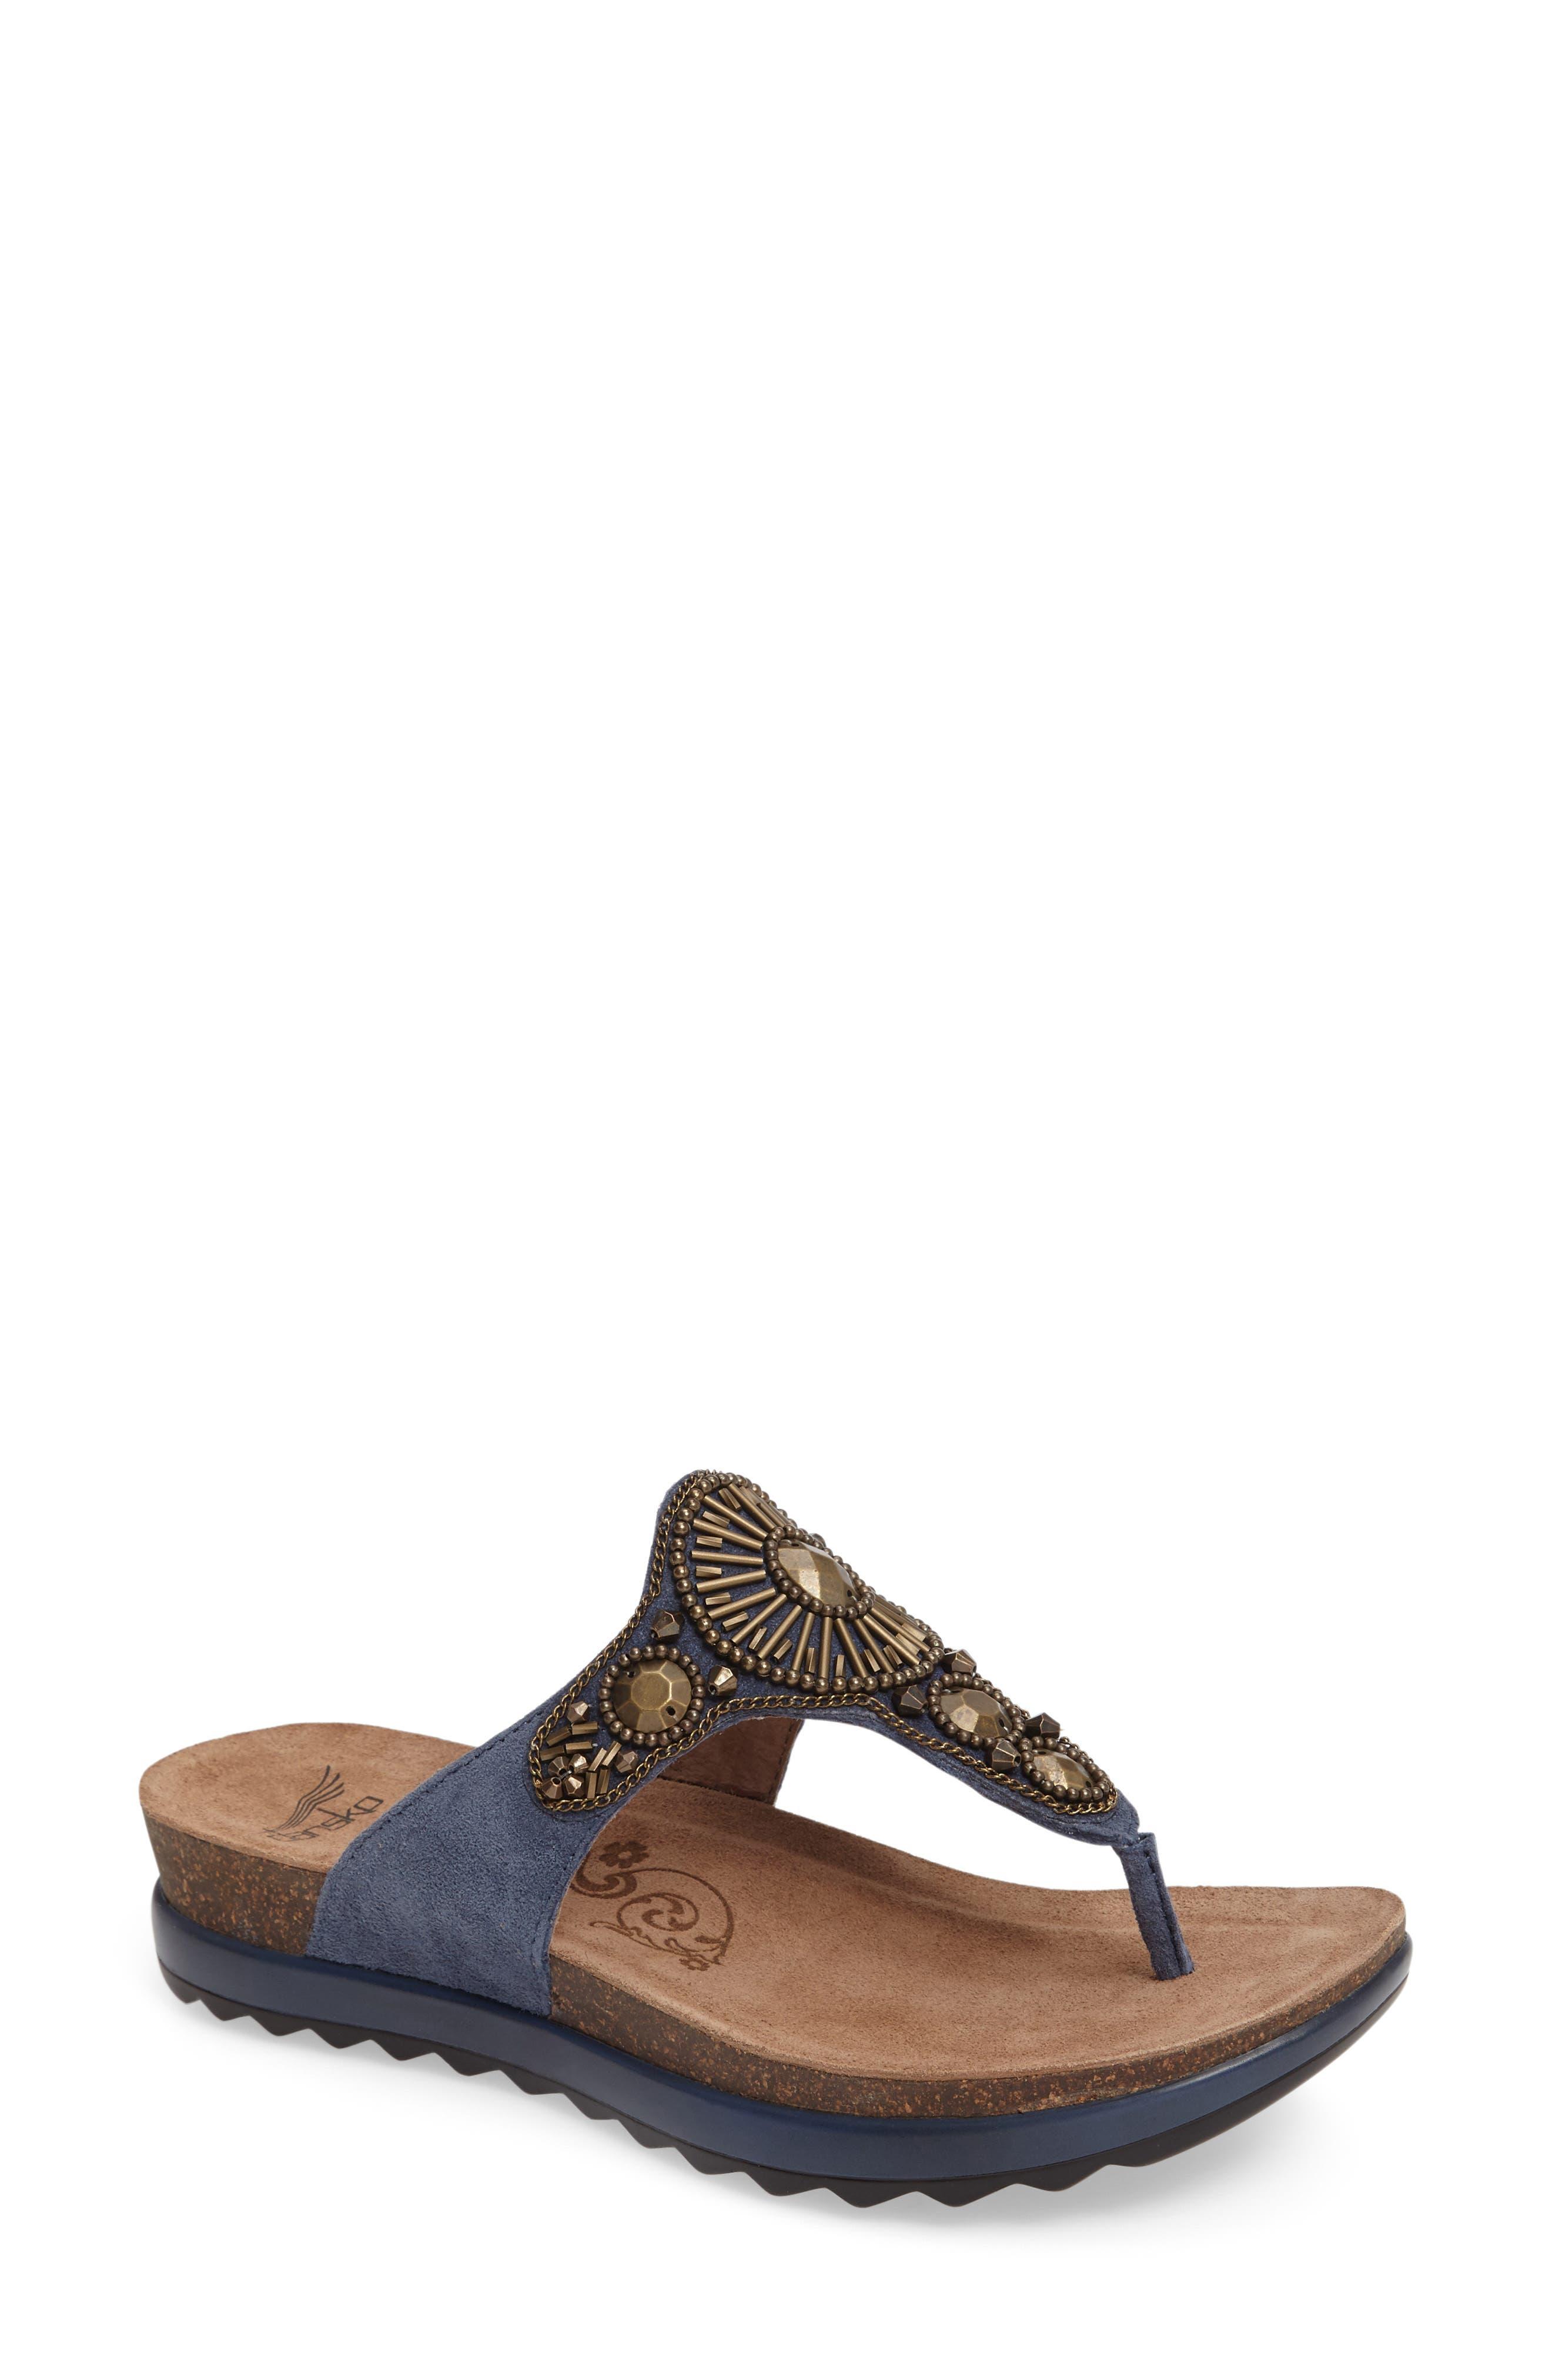 DANSKO 'Pamela' Embellished Sandal